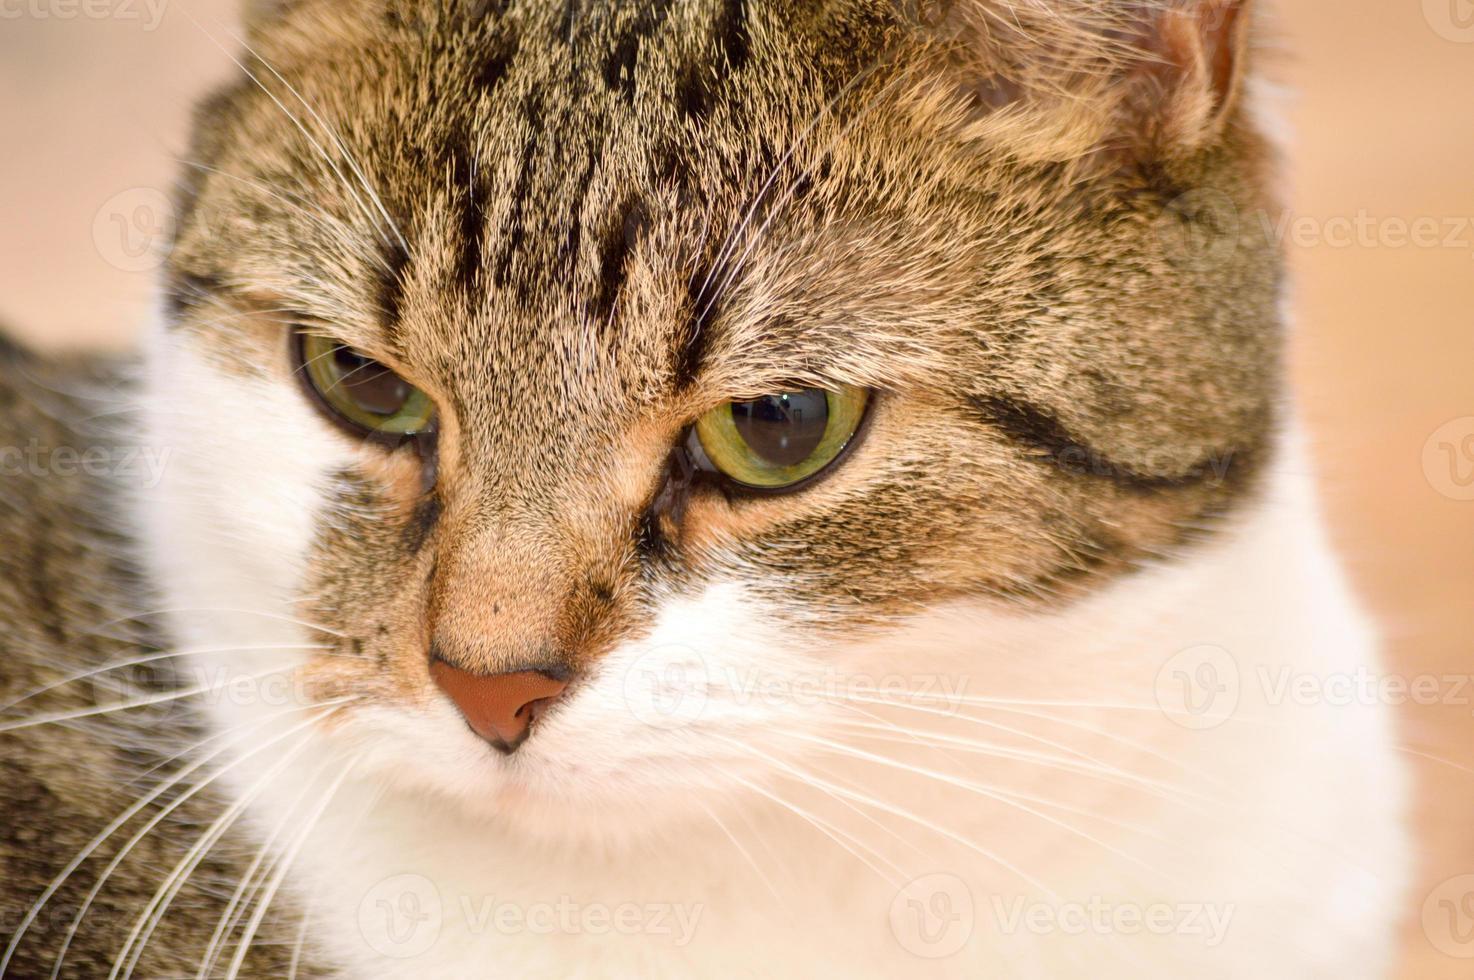 retrato de gato malhado foto